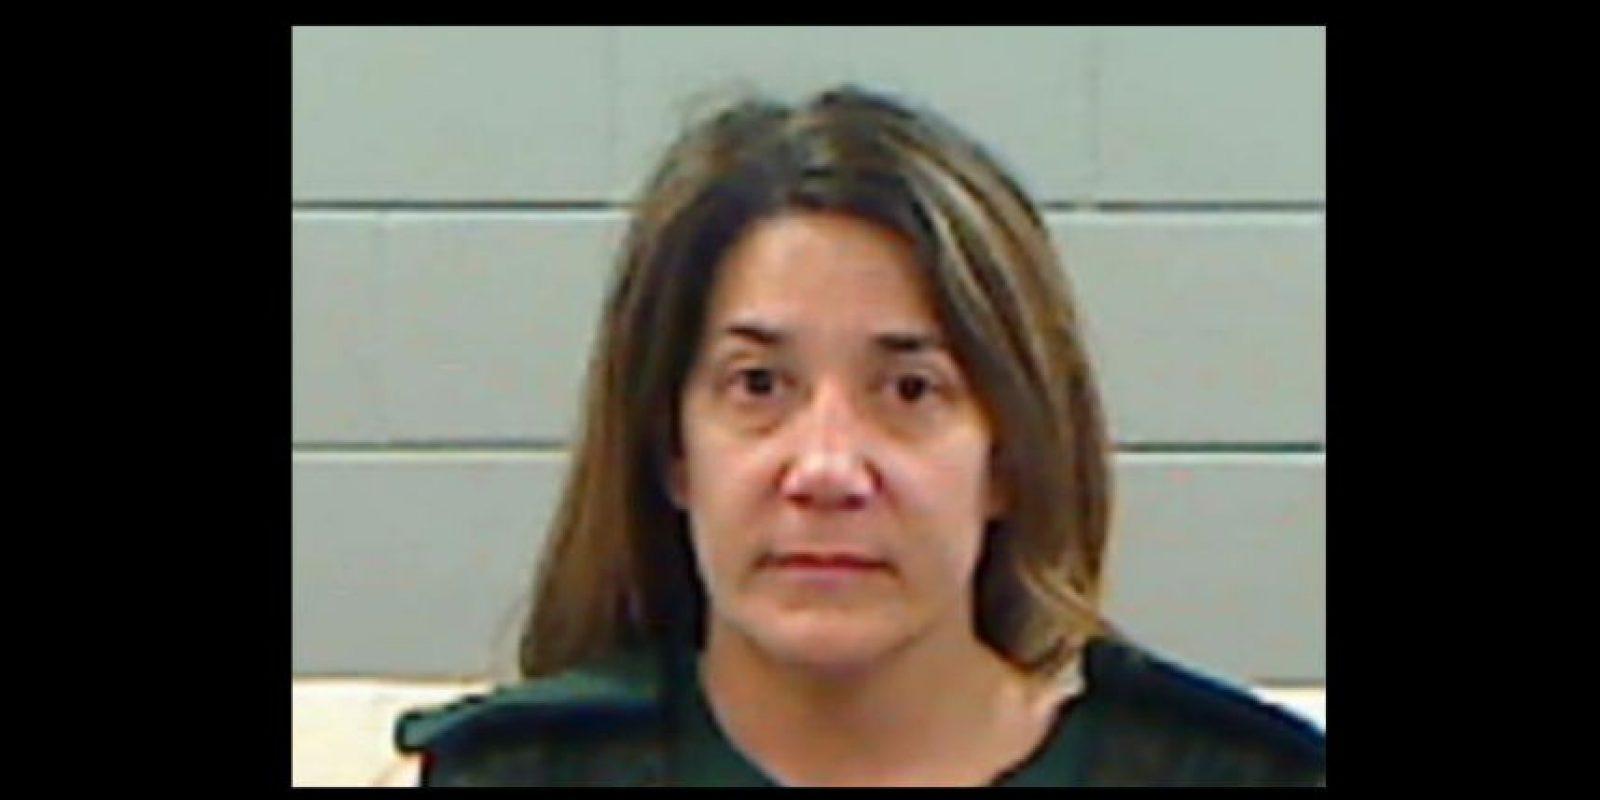 Allison Evans Sloanaker, fue acusada de abusar a de un niño de 11 años. Foto:Rankin County Detention Center